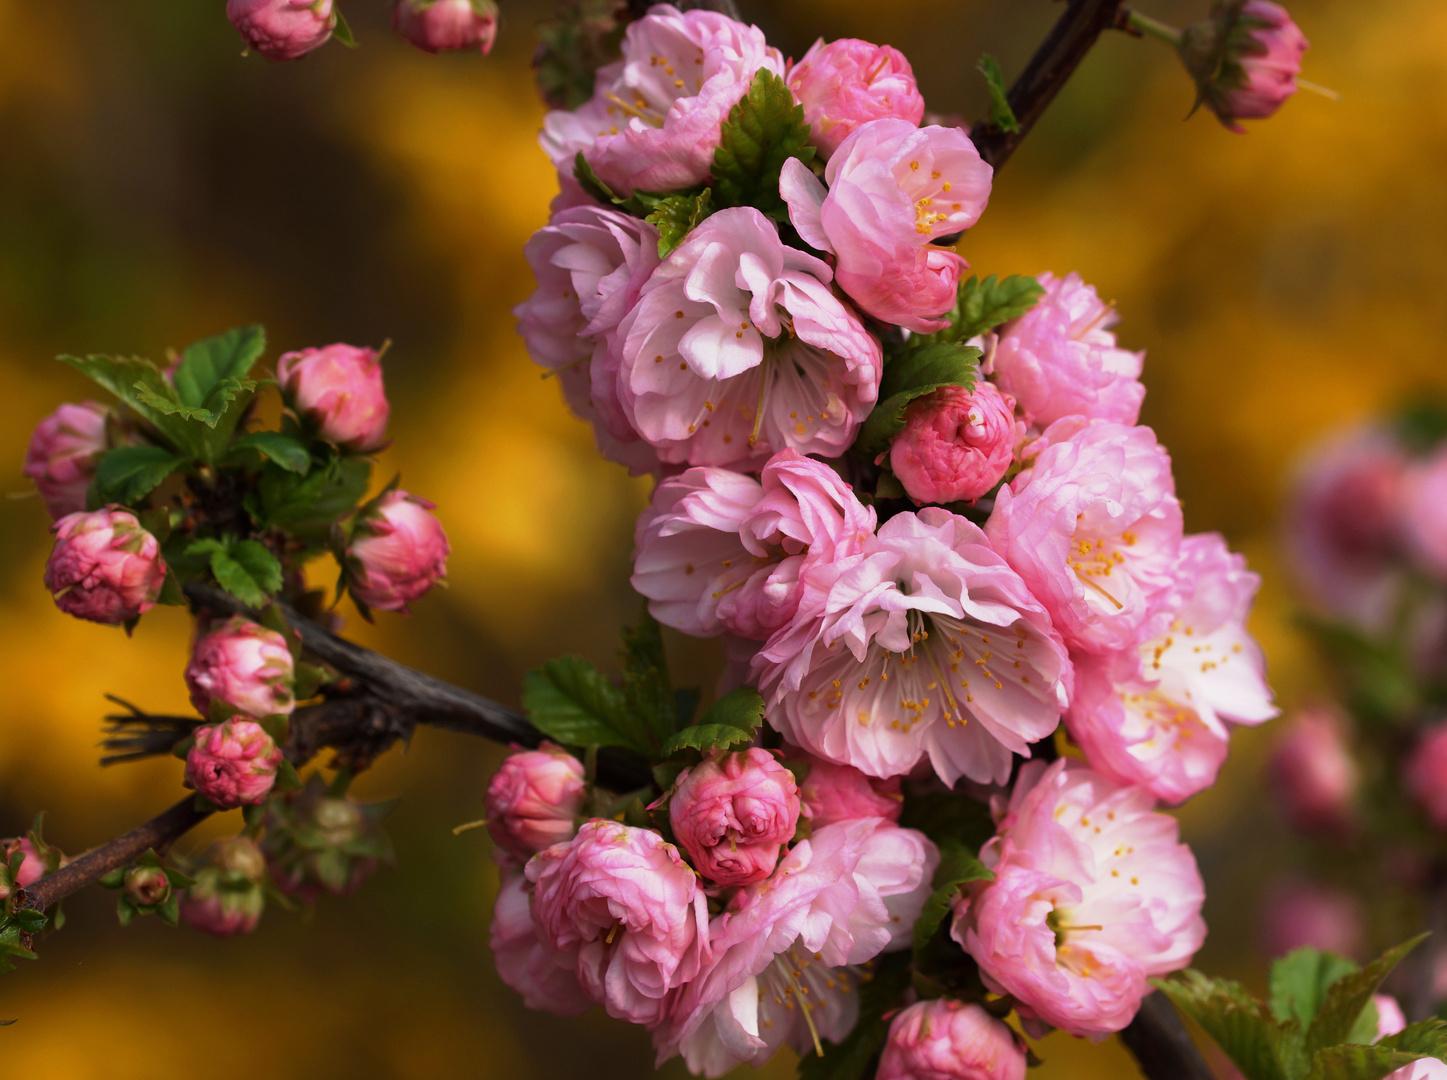 einfach schön diese Mandelblüte